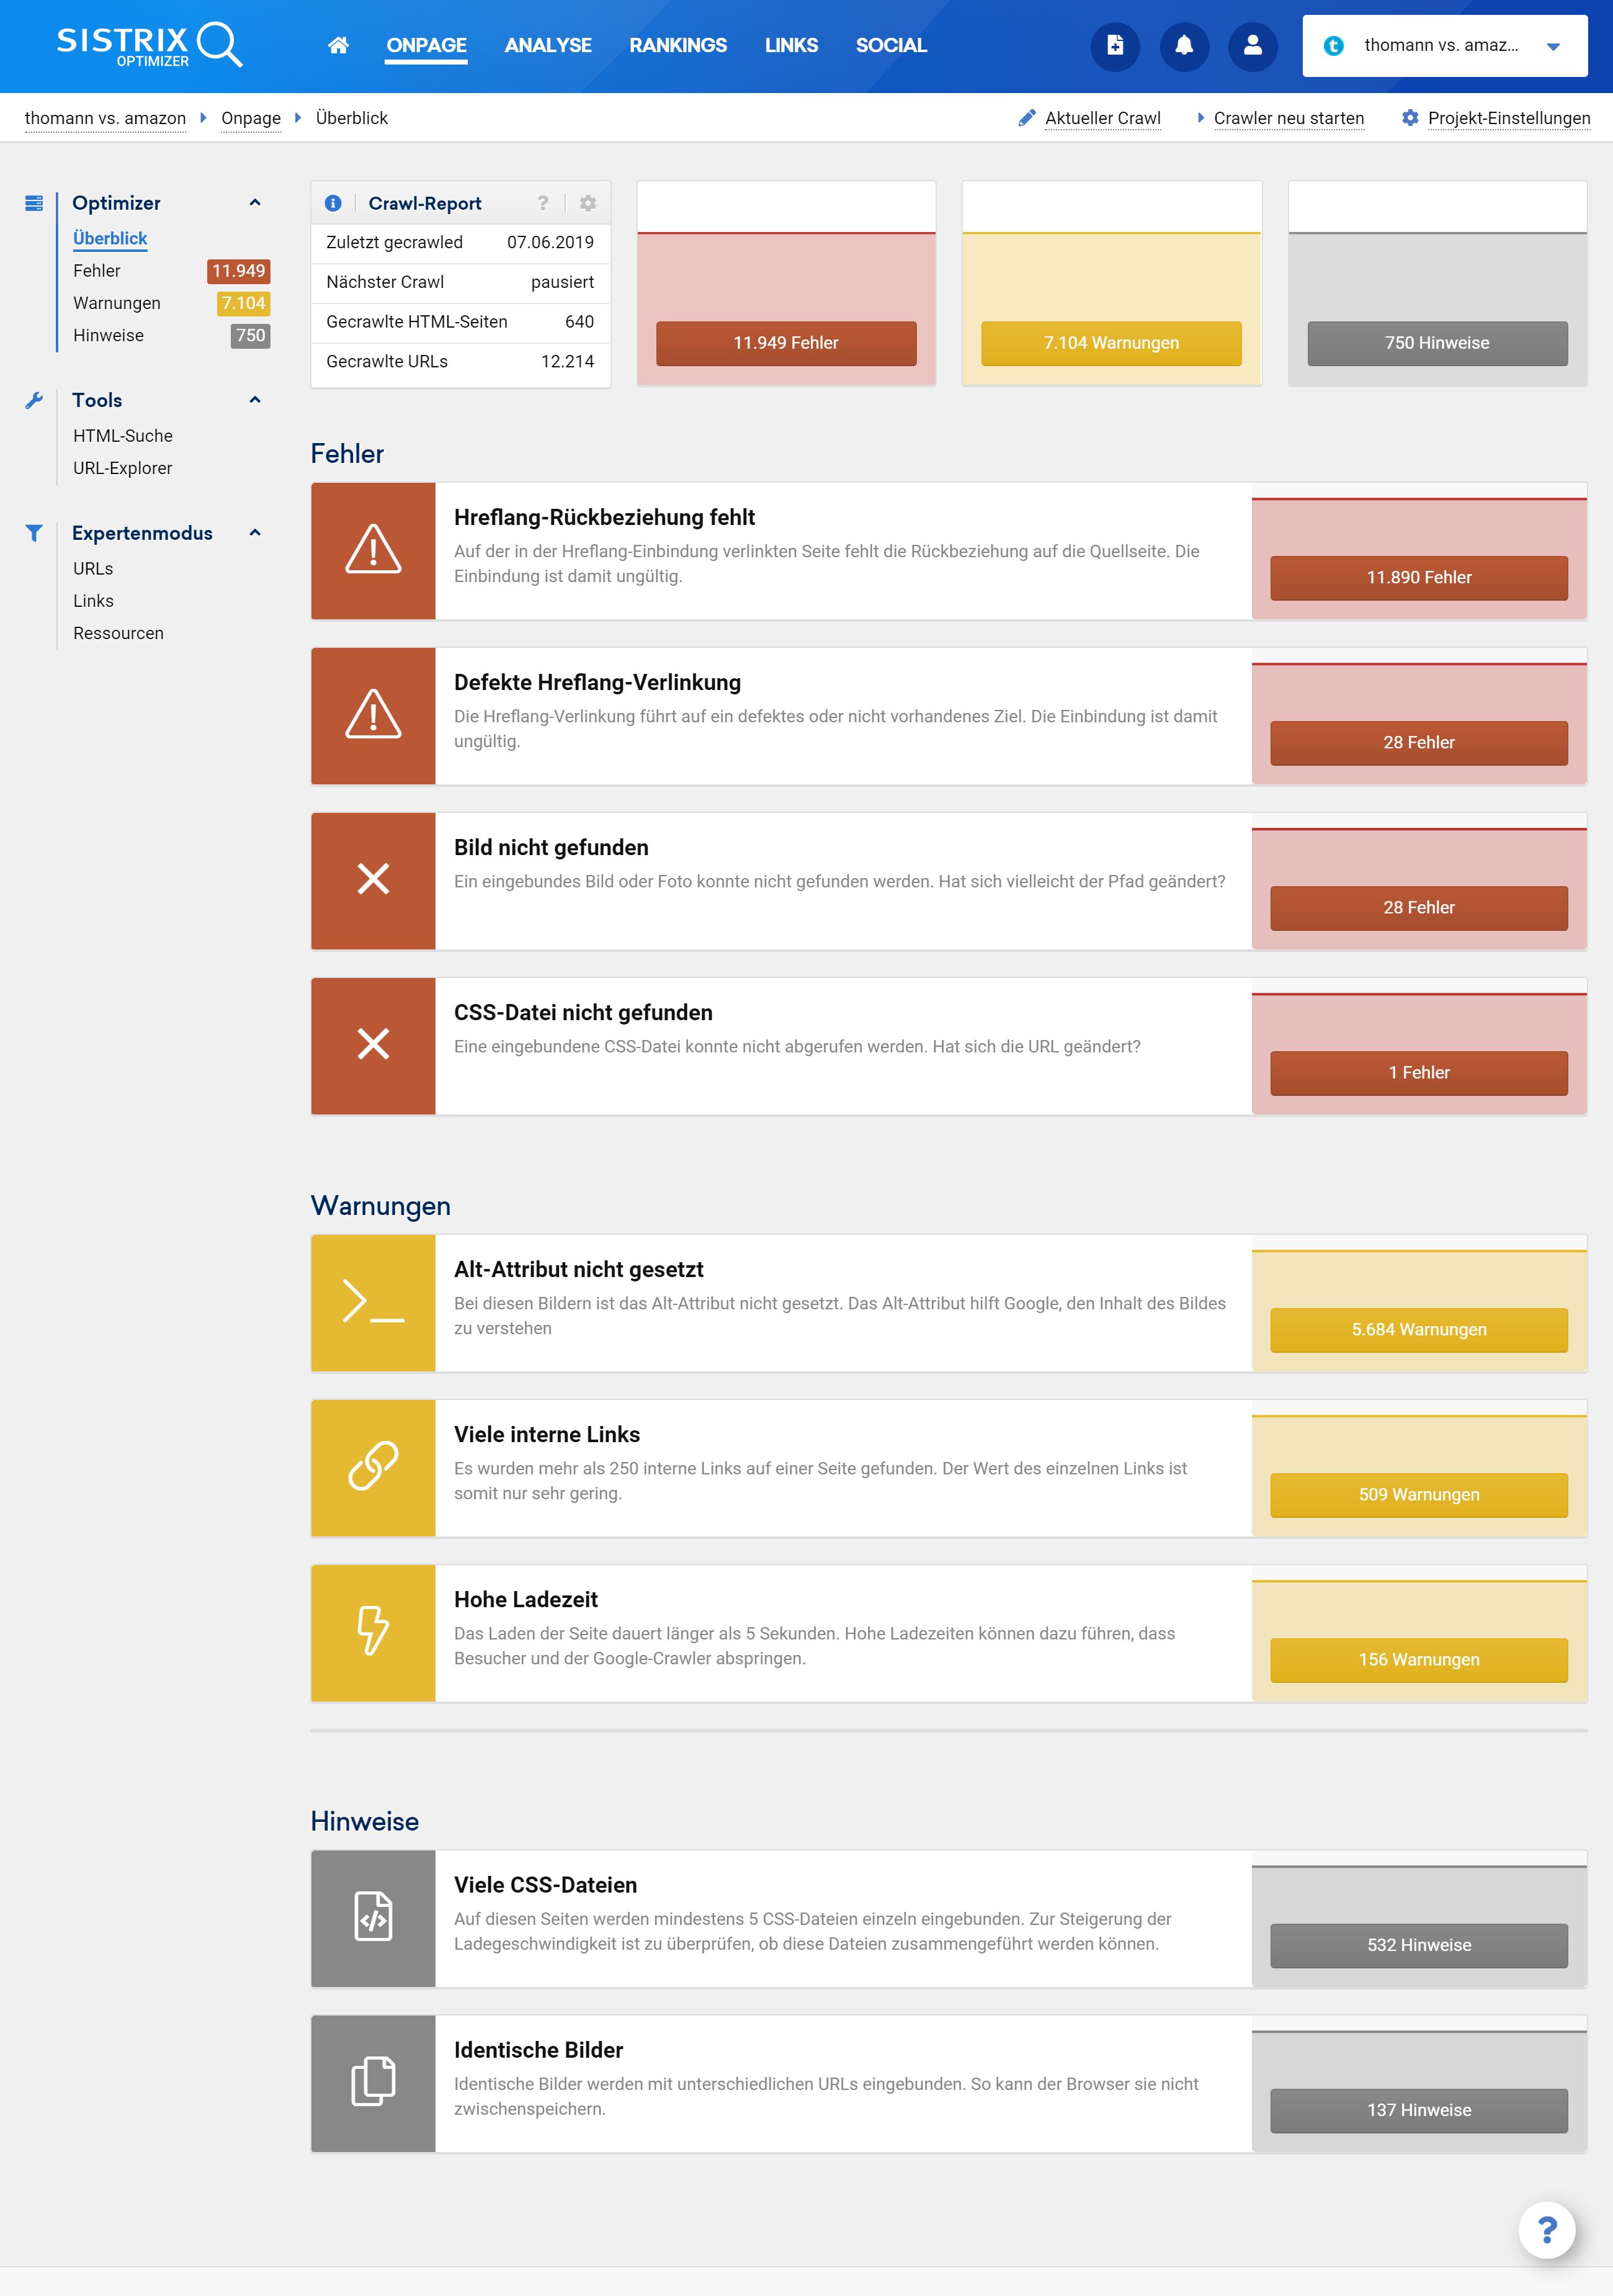 Überblickseite eines Projektes im SISTRIX Optimizer mit gefundenen Fehlern, Warnungen und Hinweisen.